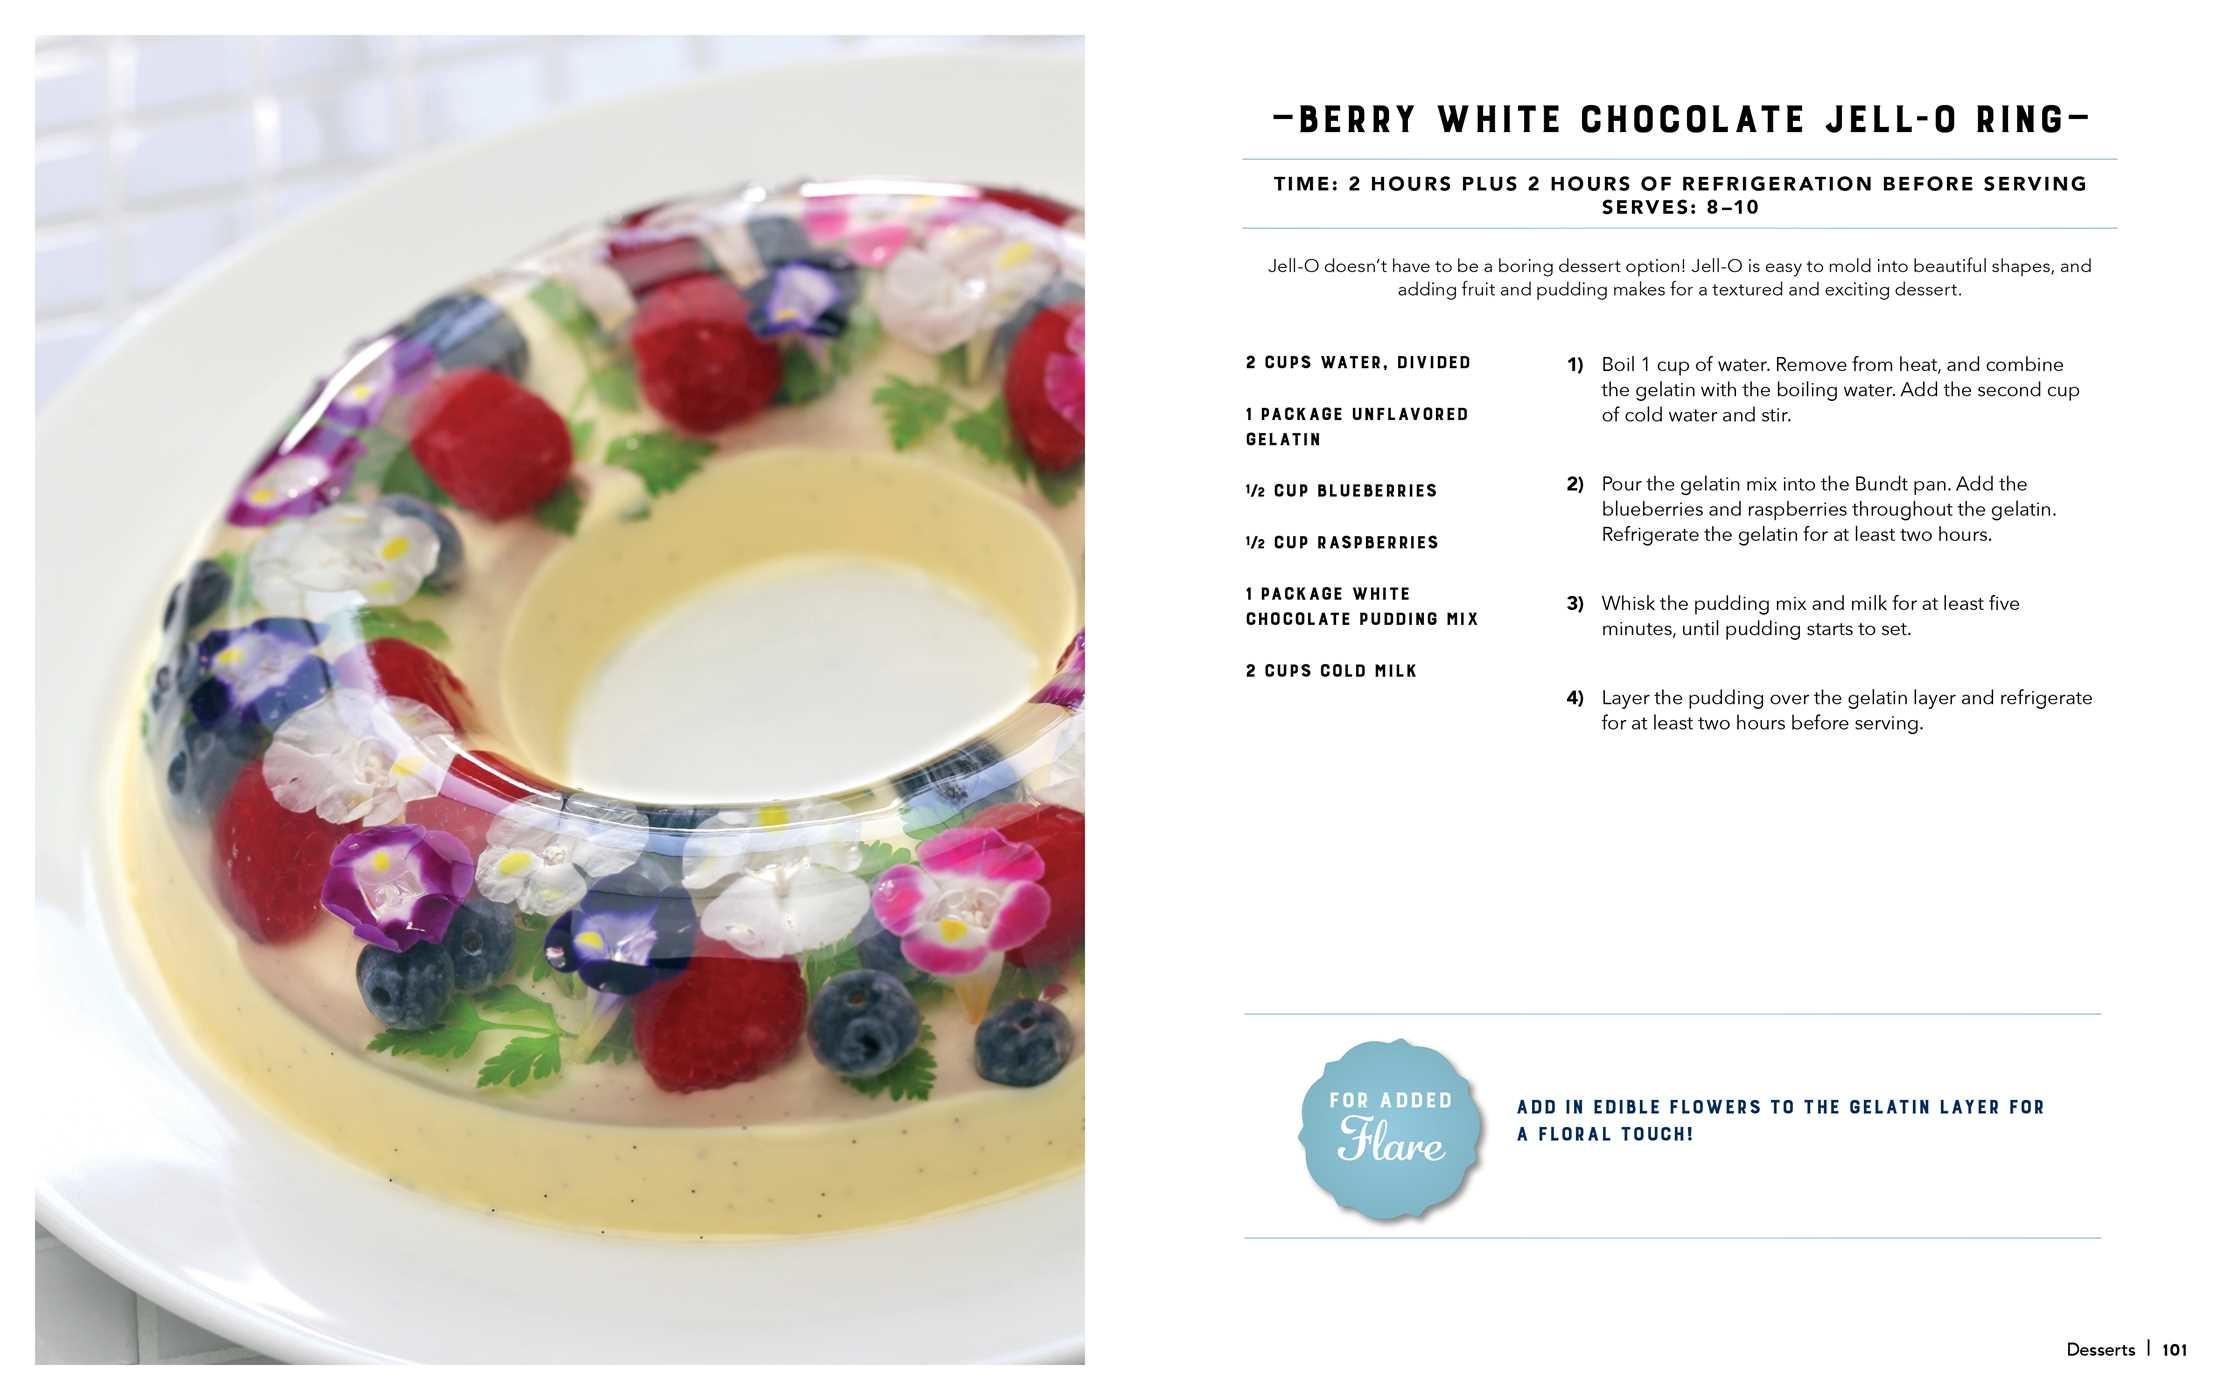 The new bundt pan cookbook 9781604337402.in05